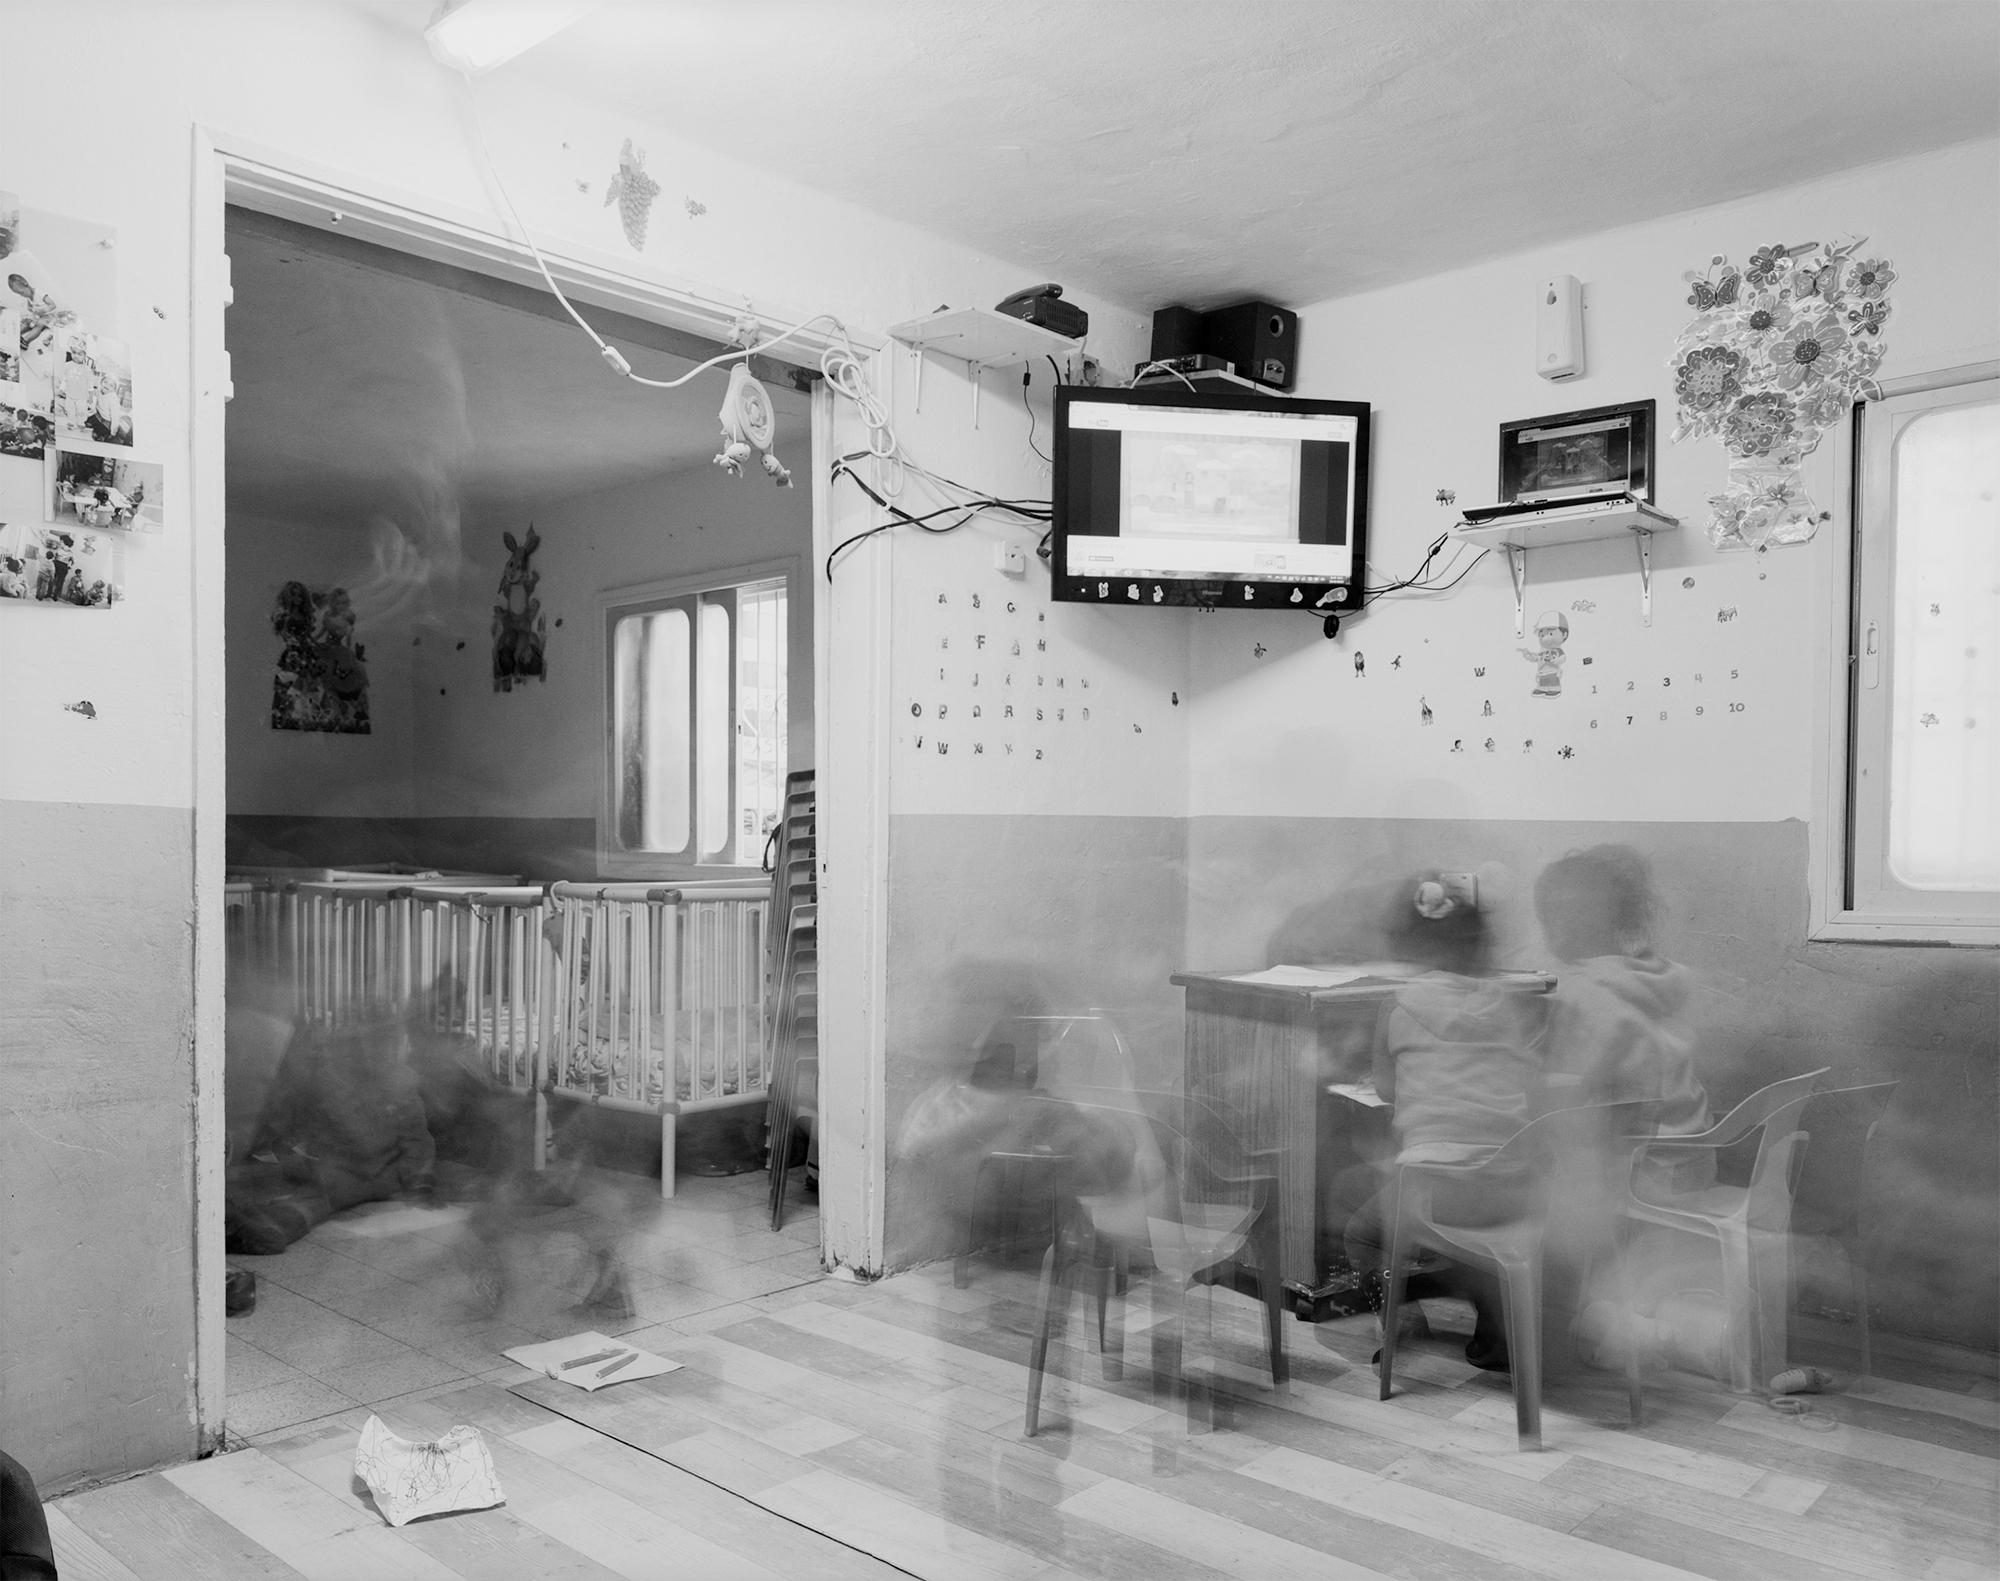 G. living room (Daytime). Neve Sha'anan. Tel Aviv 2015